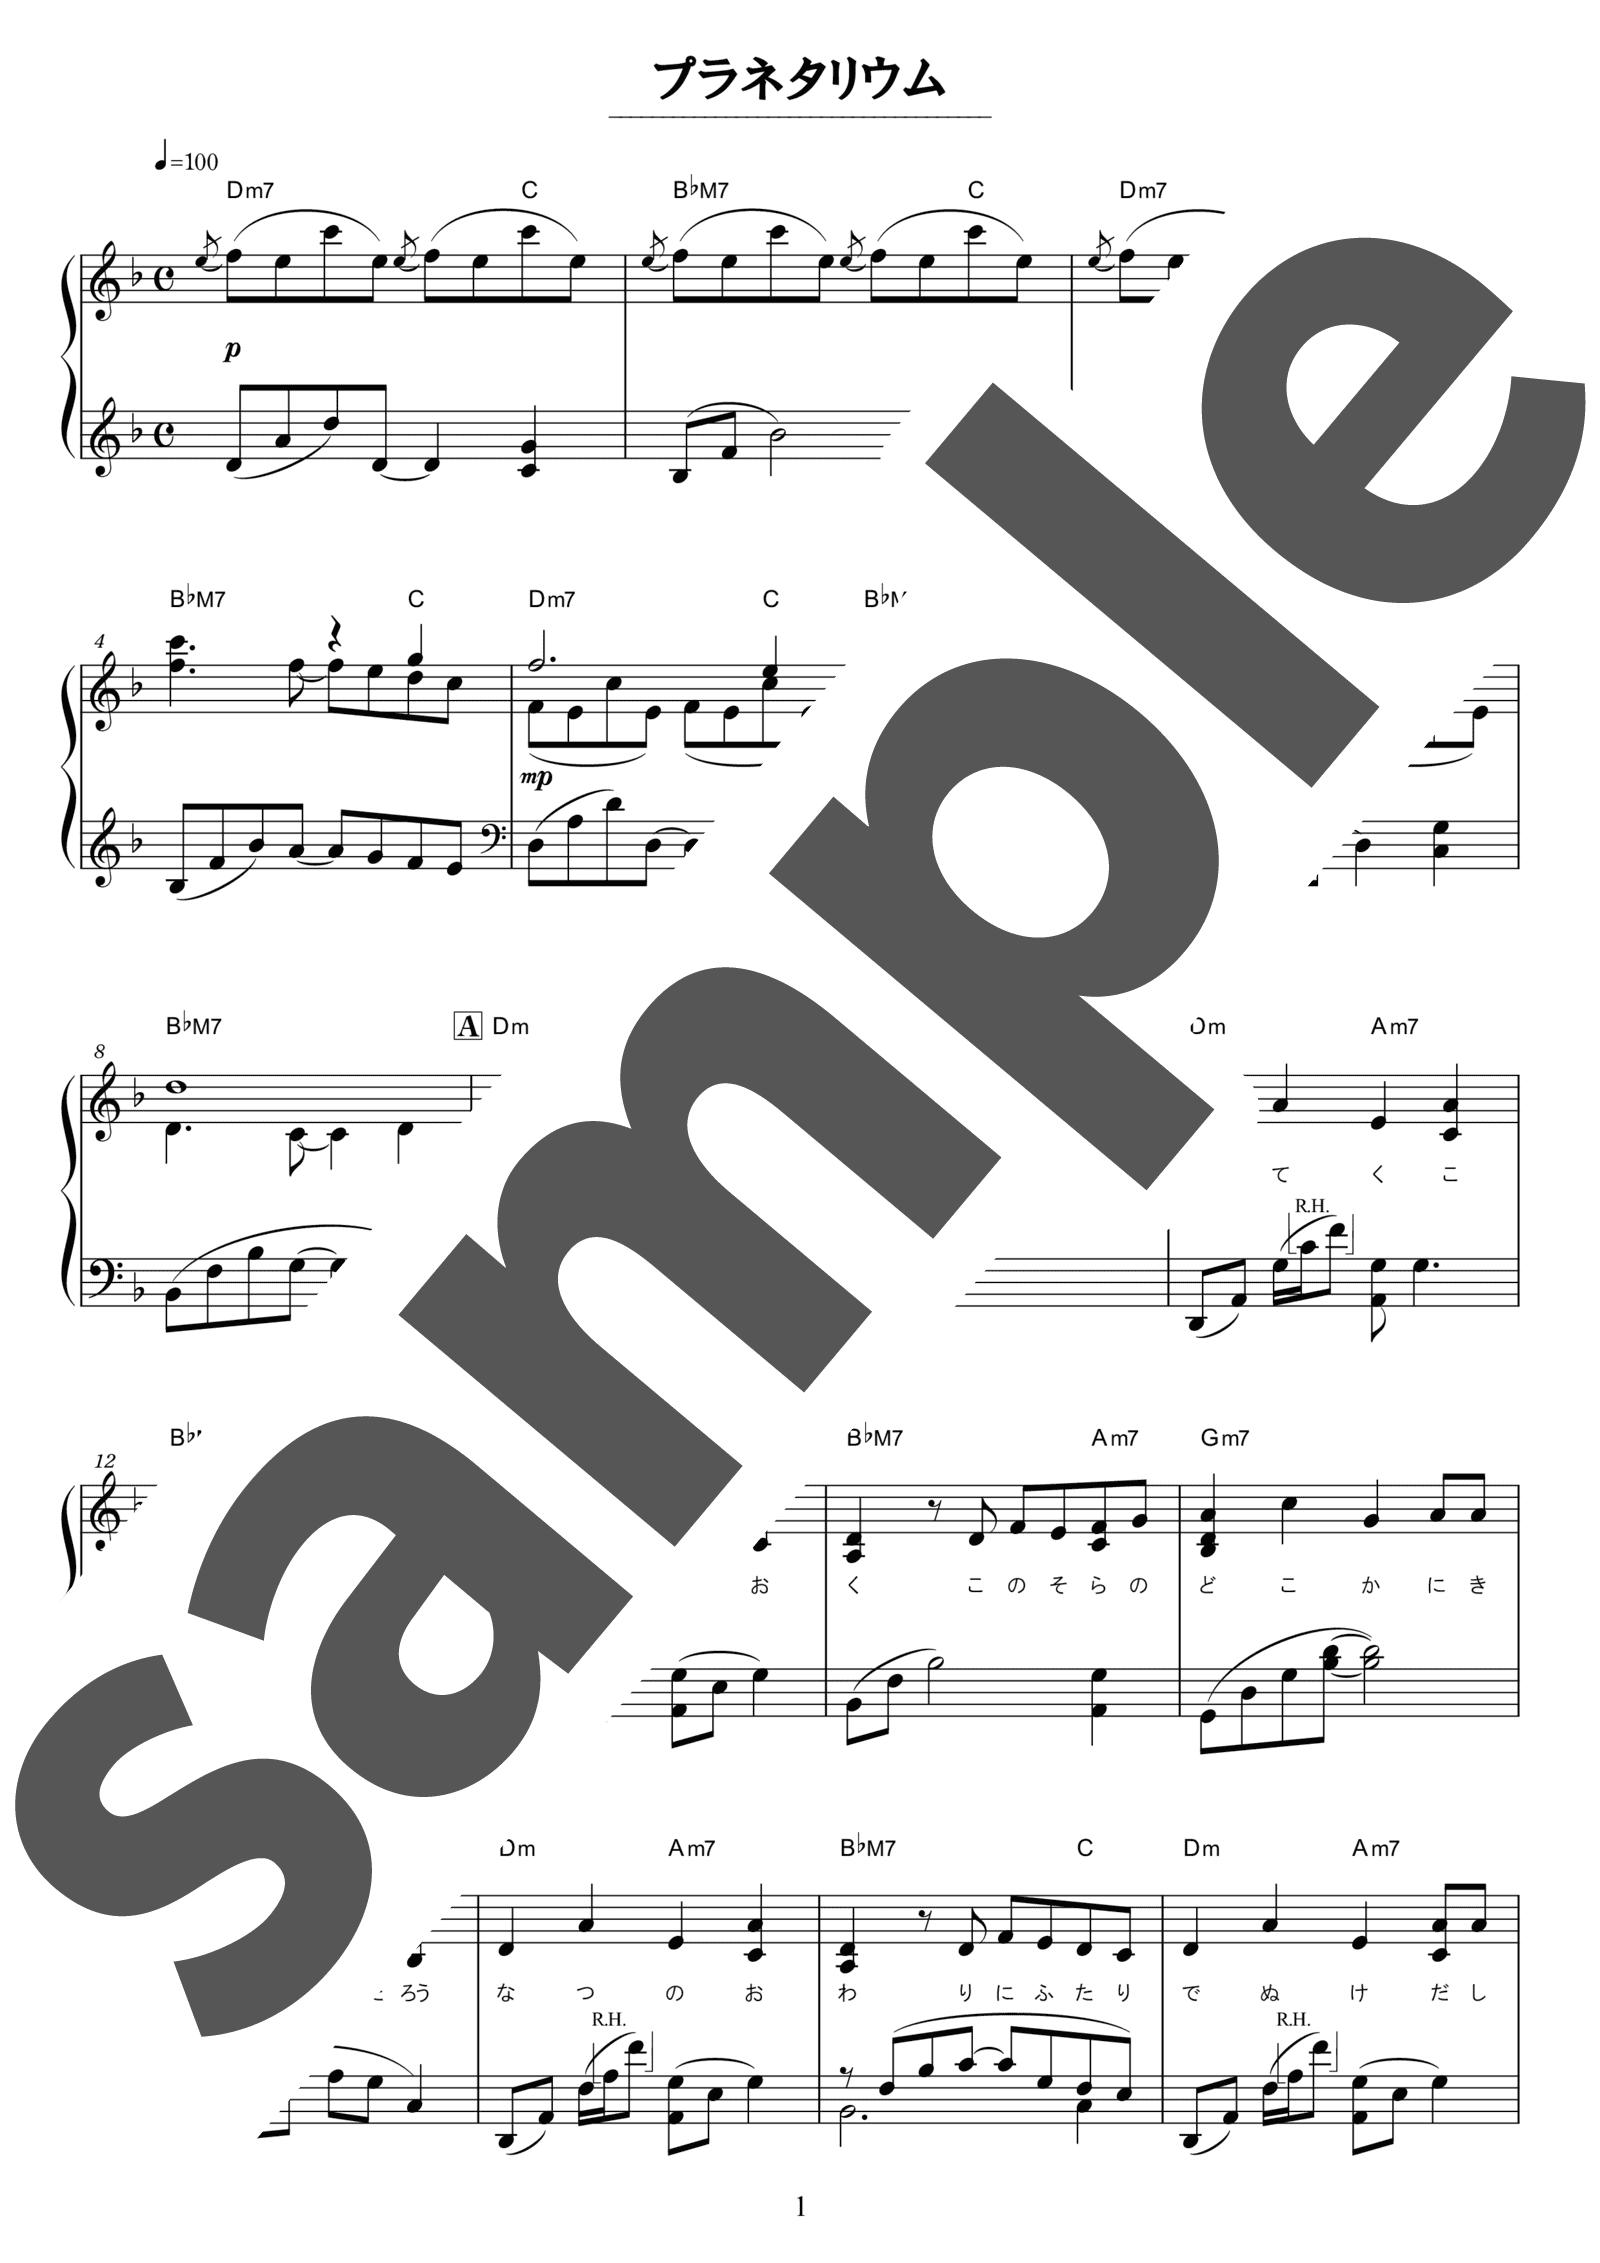 「プラネタリウム」のサンプル楽譜